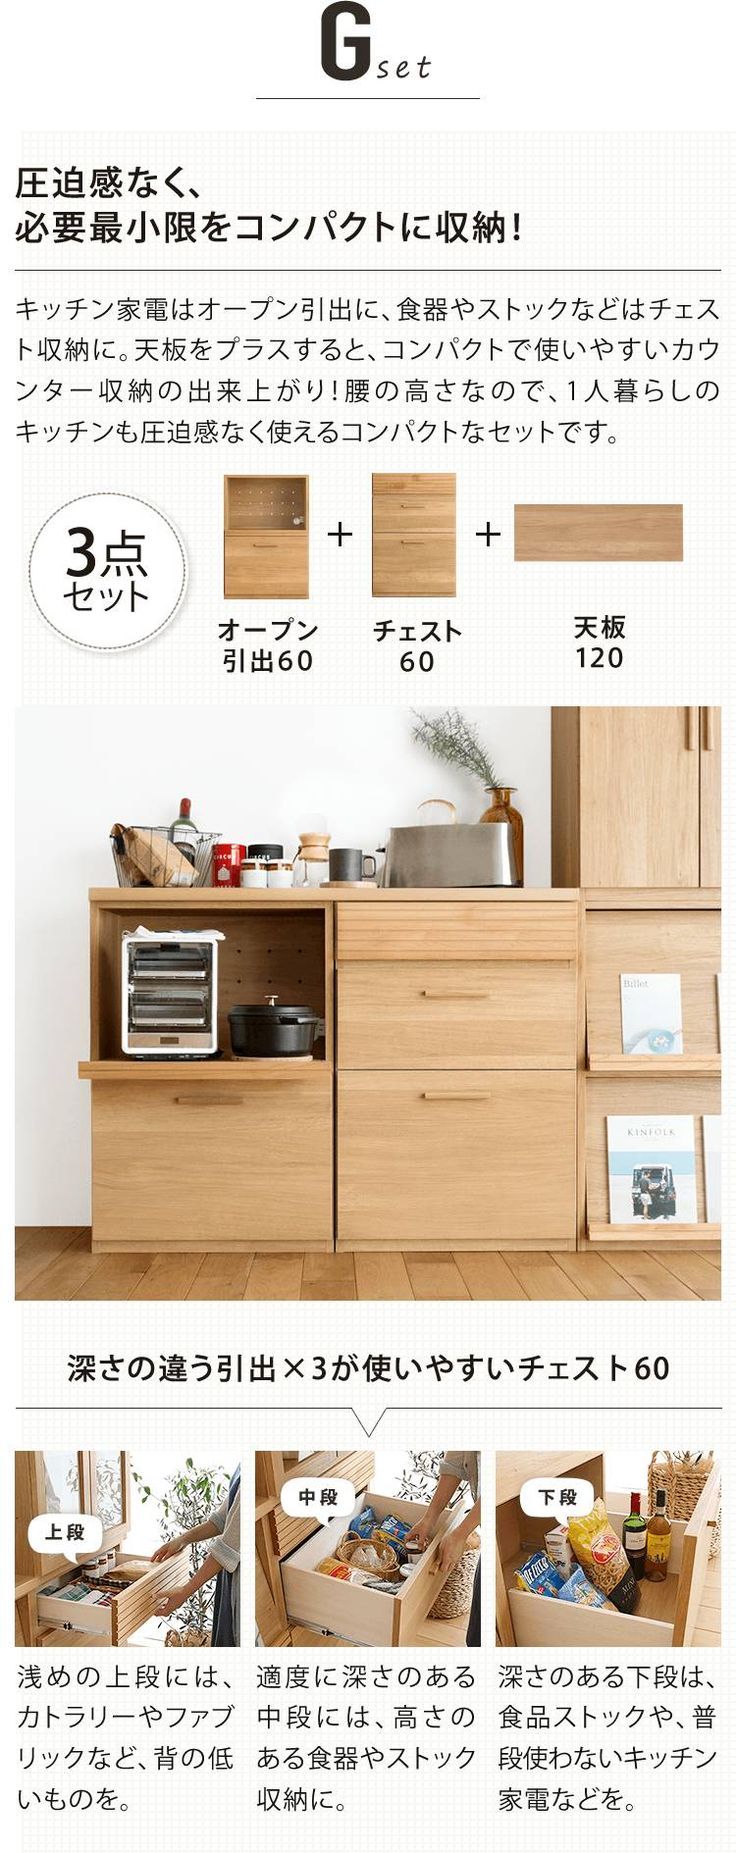 組み合わせ自由自在!好きな形に組み合わせて使える、Re:CENOオリジナルの国産キッチンカウンター収納「Rekit(リキット)」シリーズです。